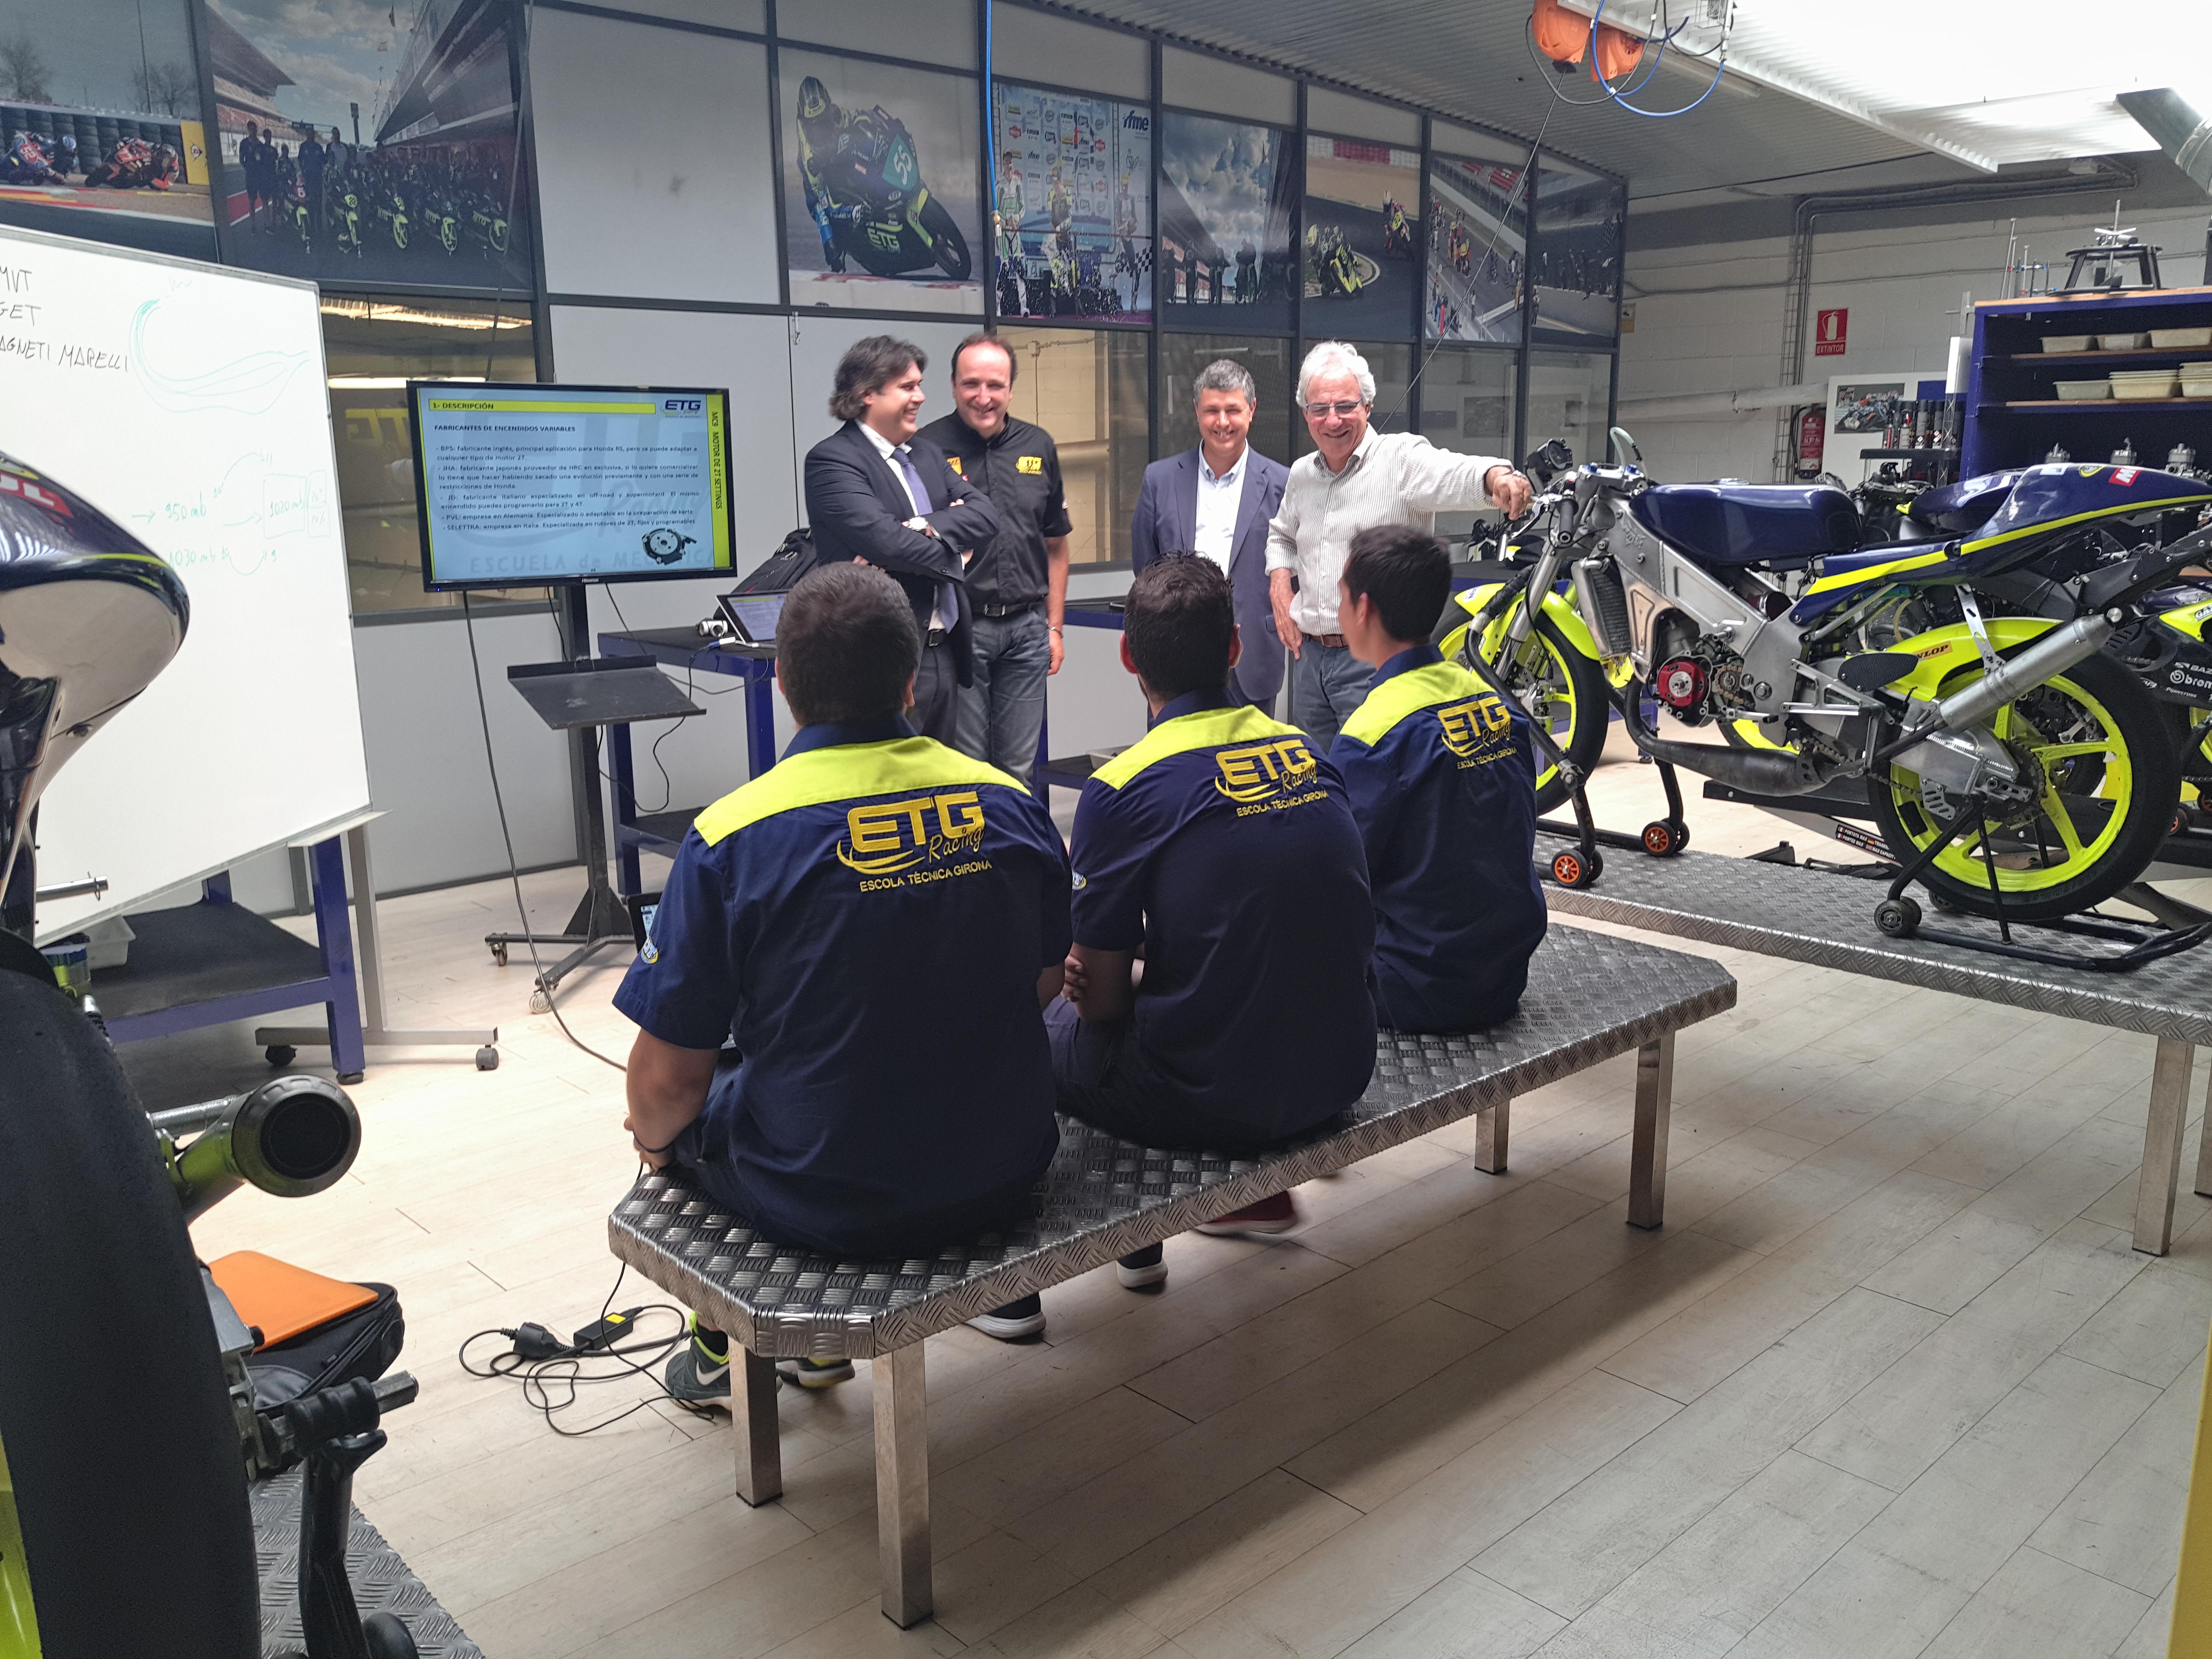 hem rebut la visita del president de la Diputació de Girona